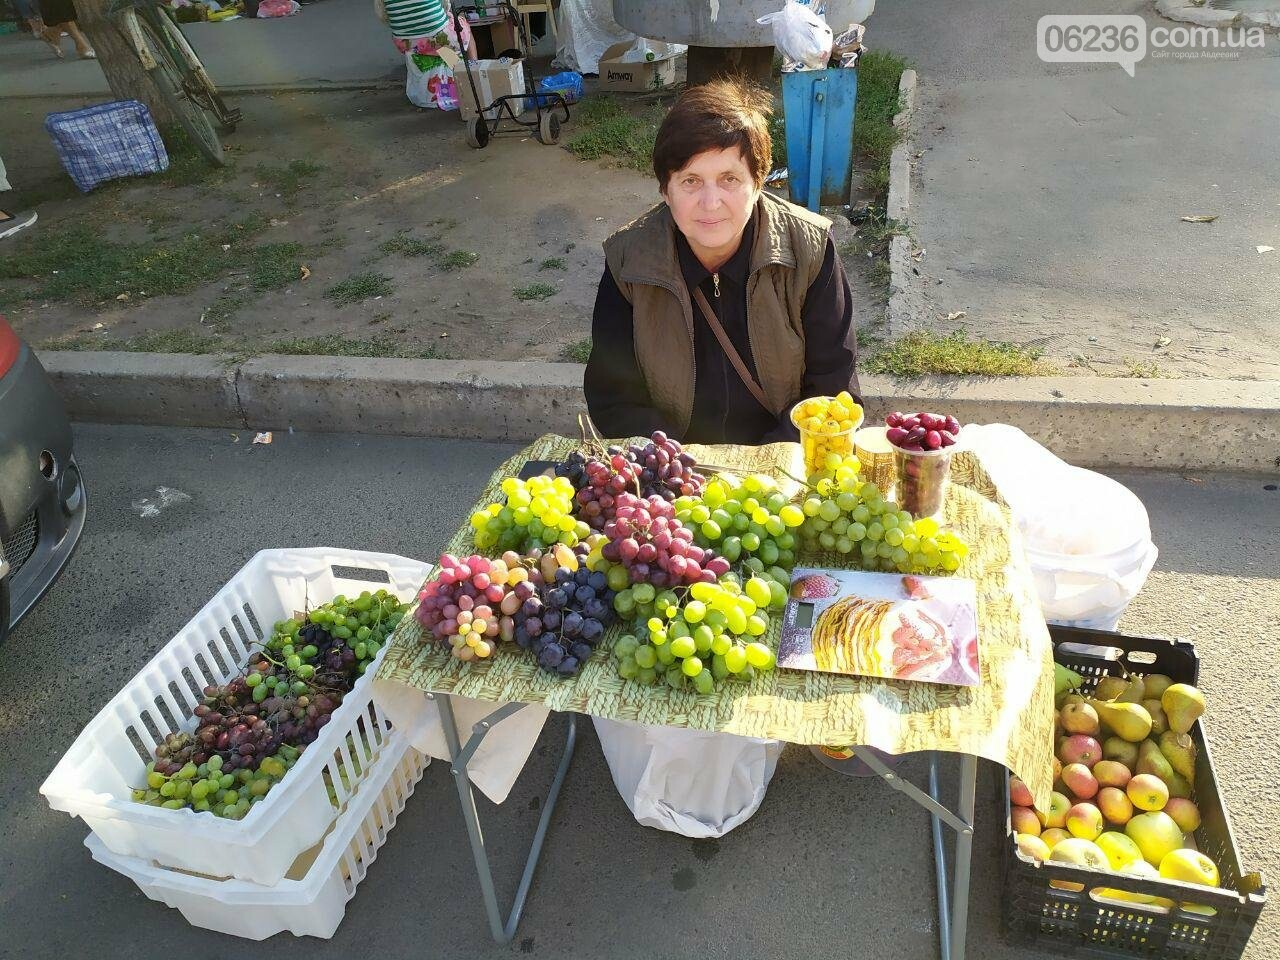 В Авдеевке провели ежегодную осеннюю ярмарку  ко Дню города (ФОТОФАКТ), фото-5